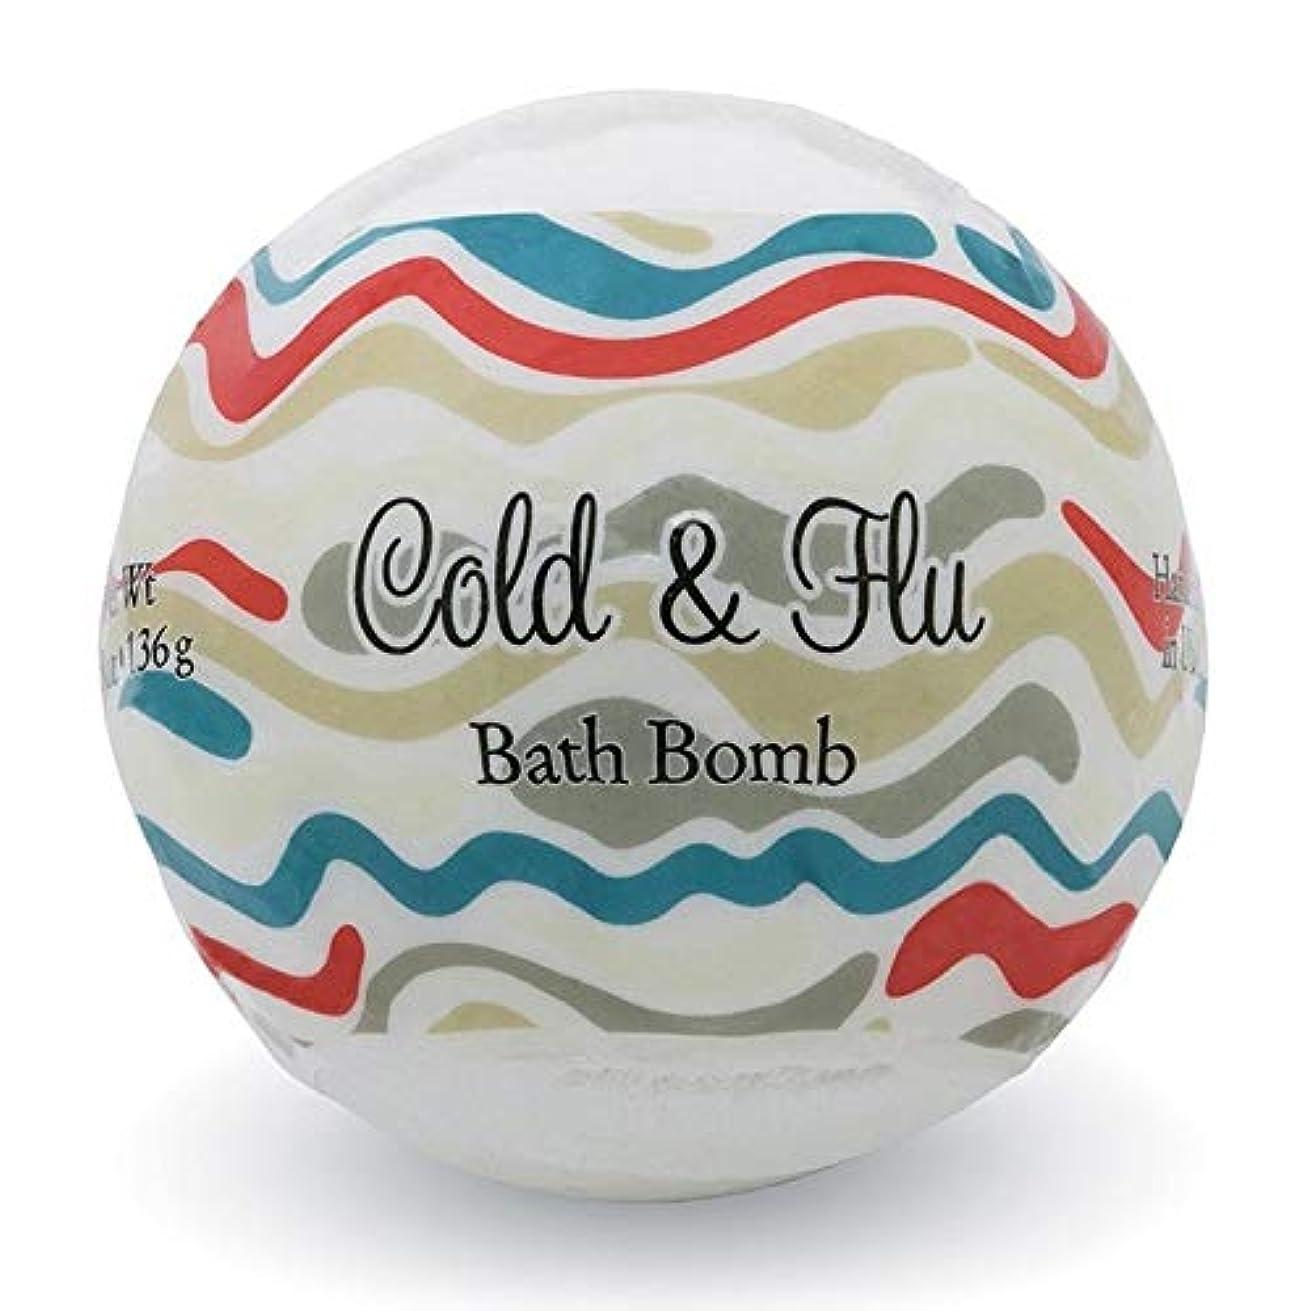 固体多くの危険がある状況激しいプライモールエレメンツ バスボム/コールド&フルー 136g シアバターとココナツ&アルガンオイル配合のお肌に潤いを与える発泡性入浴剤